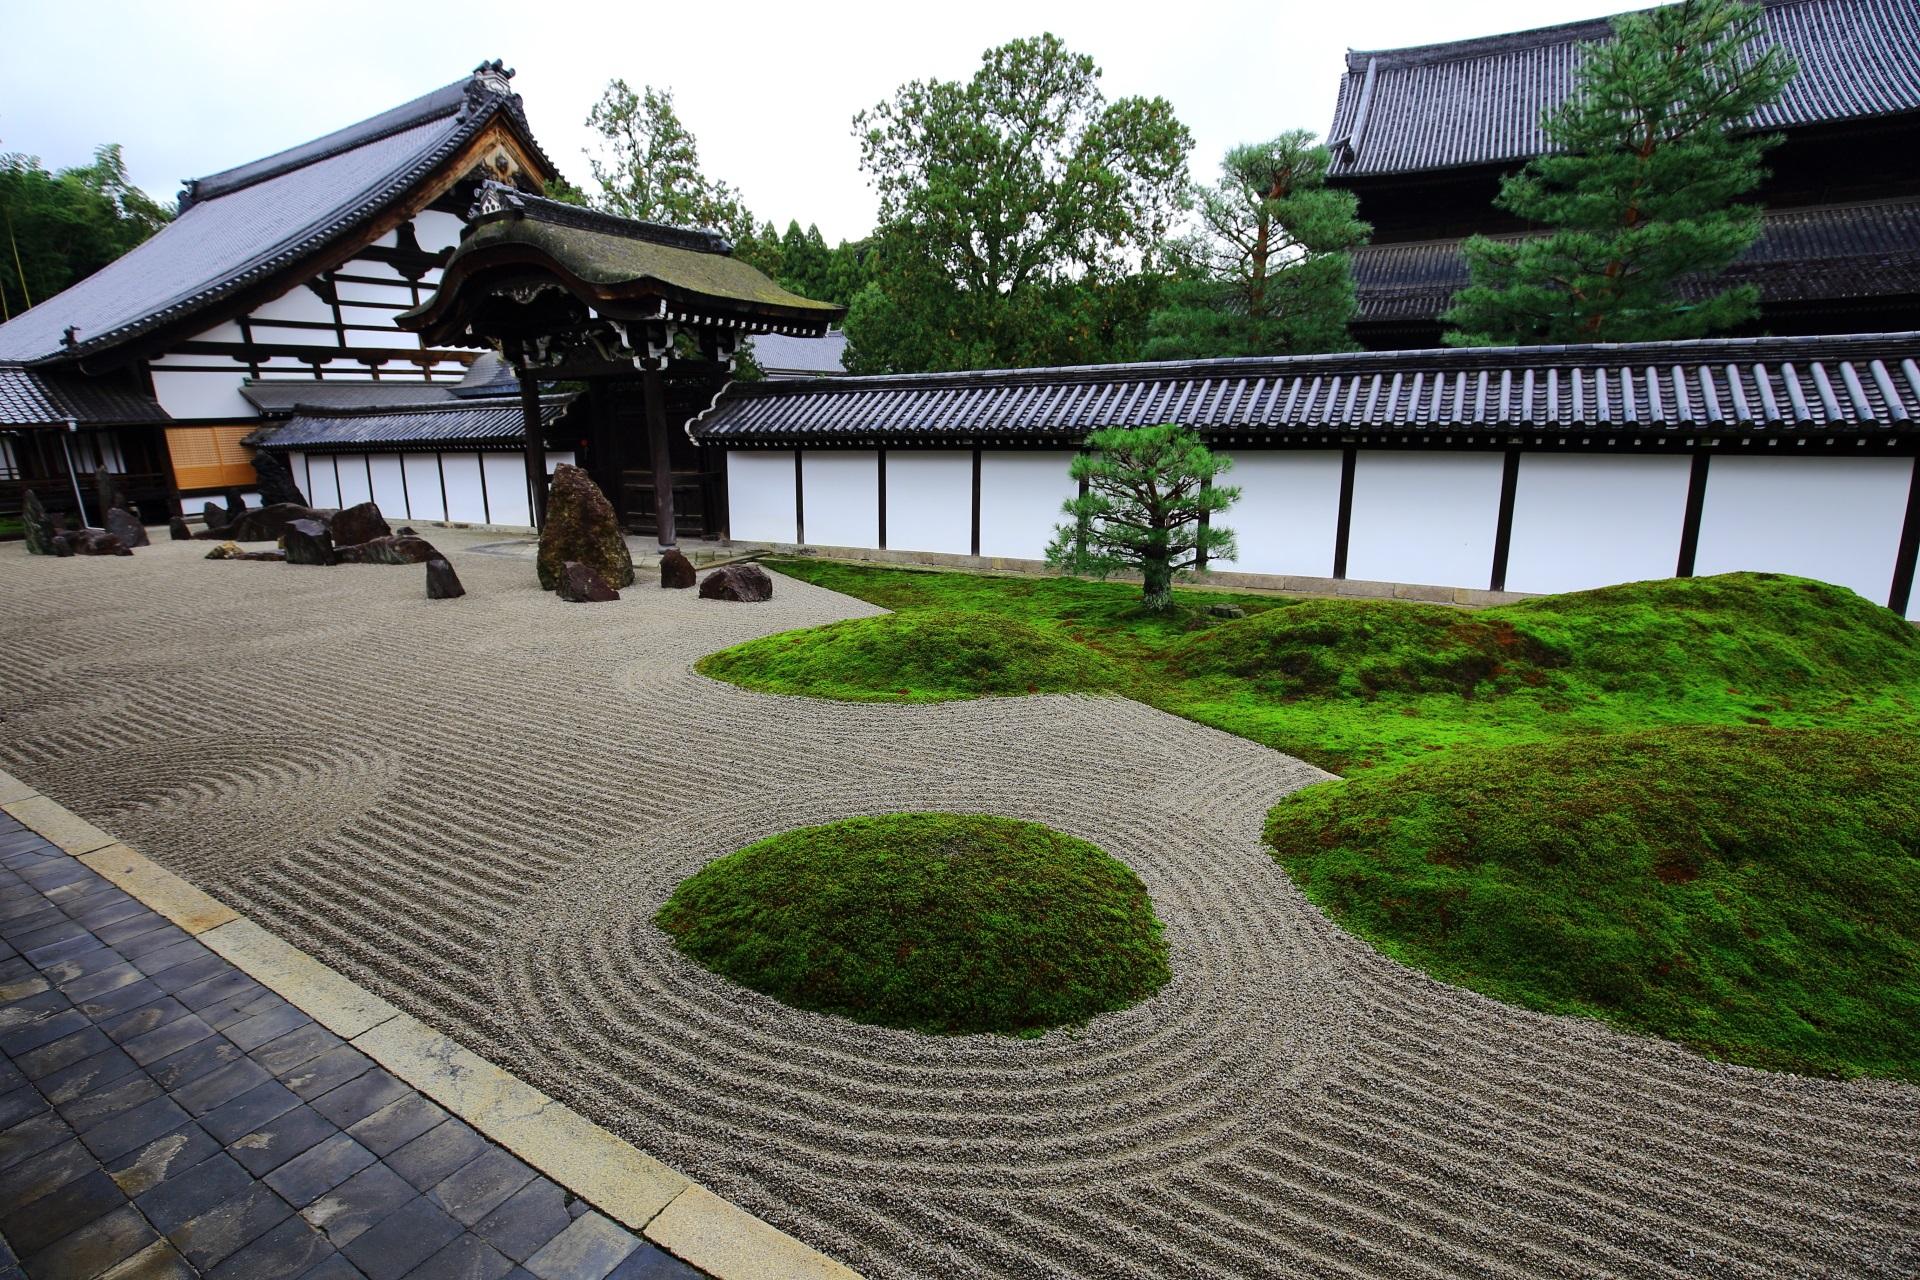 東福寺方丈庭園のの砂に浮かぶ美しい苔